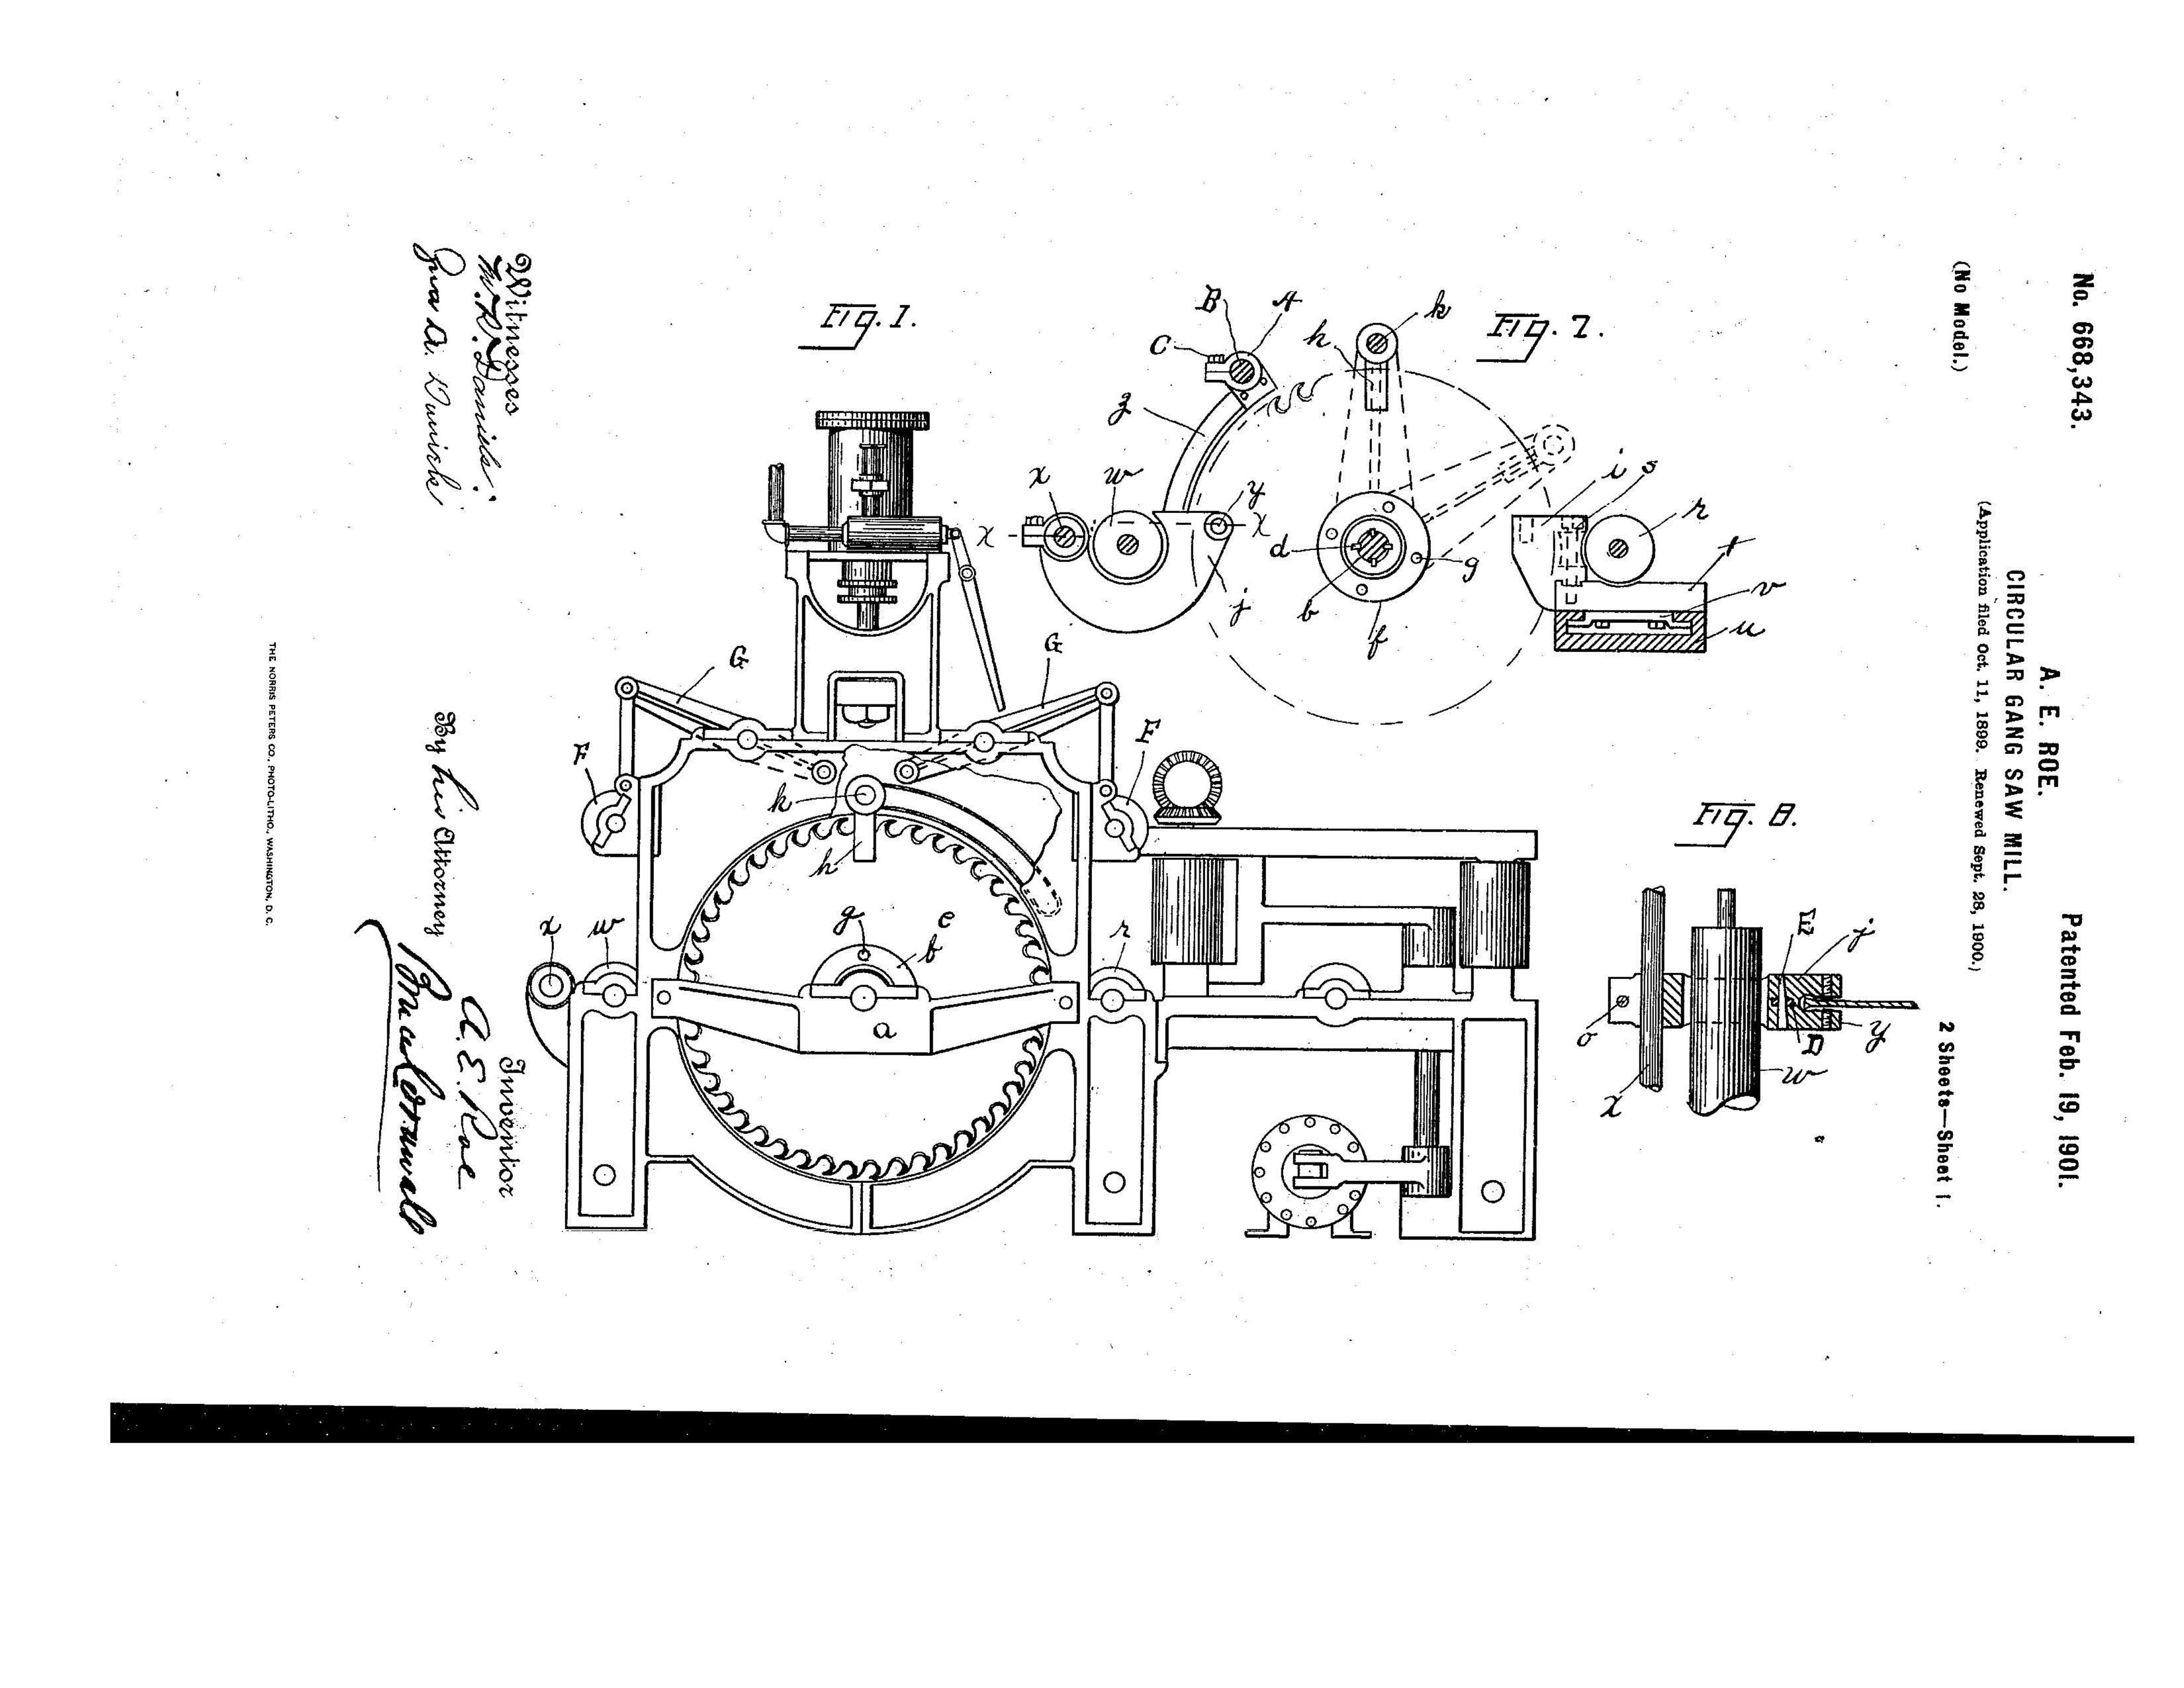 kenwood kdc mp435u wiring diagram